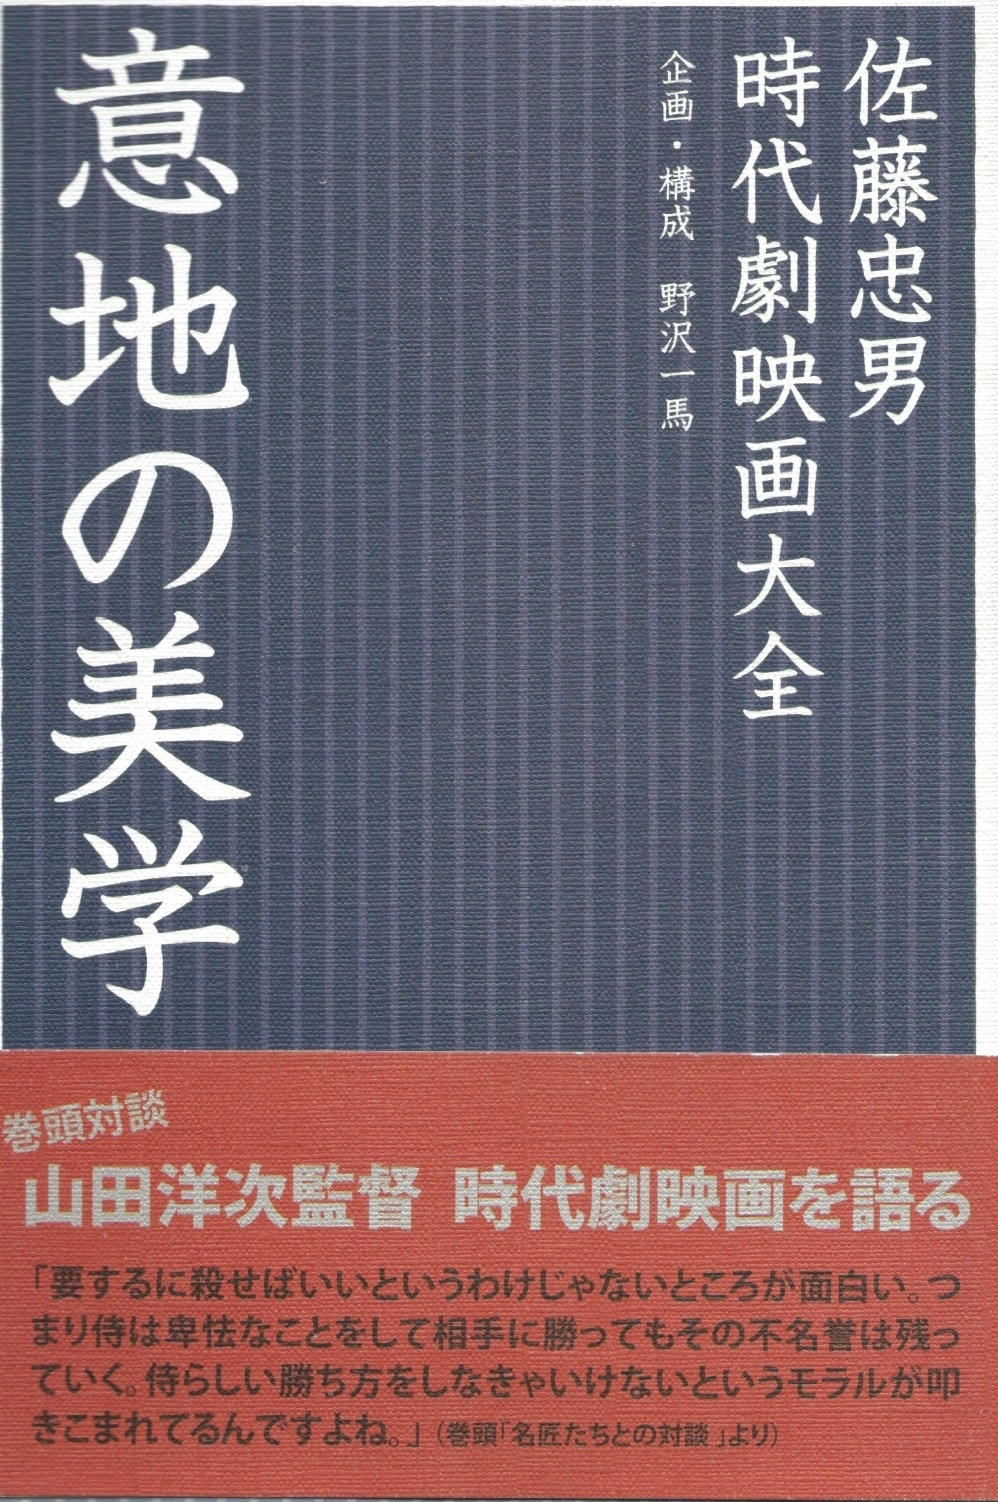 意地の美学 佐藤忠男時代劇映画大全[バーゲンブック]